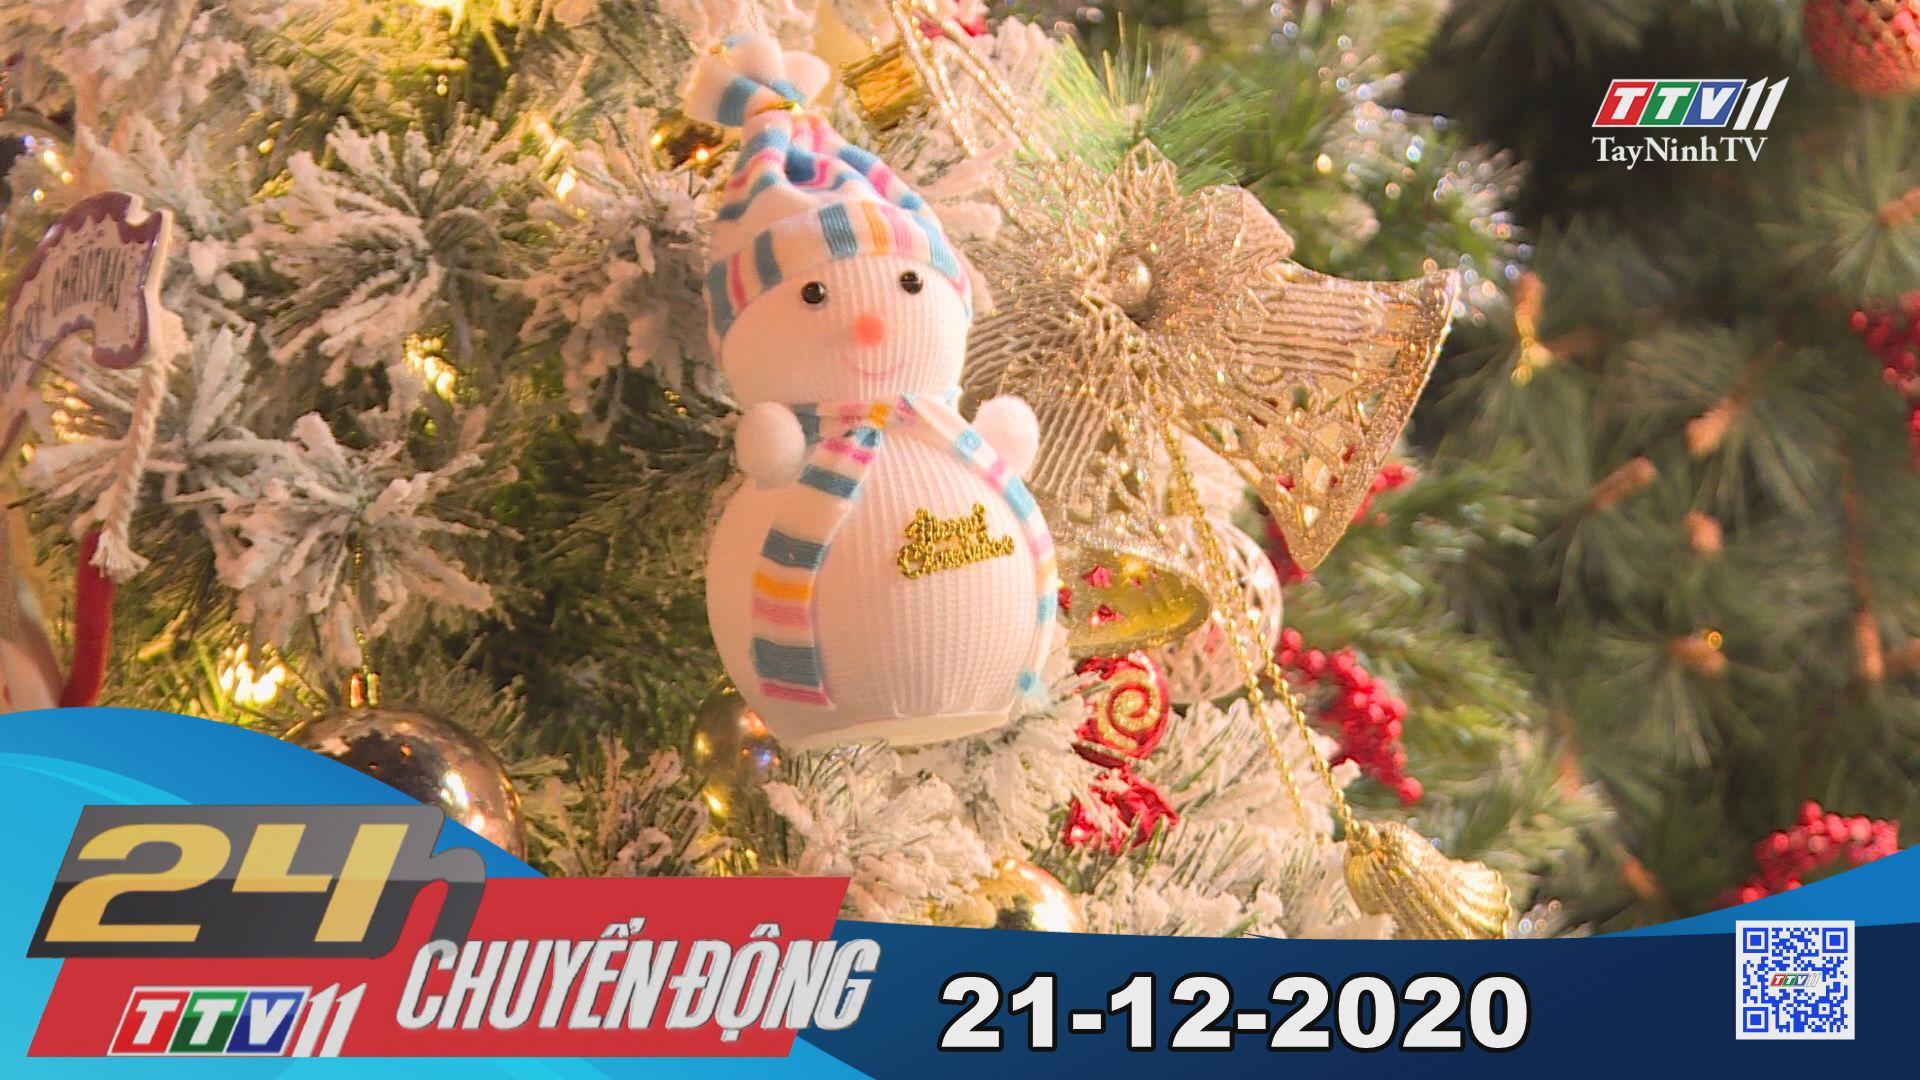 24h Chuyển động 21-12-2020 | Tin tức hôm nay | TayNinhTV